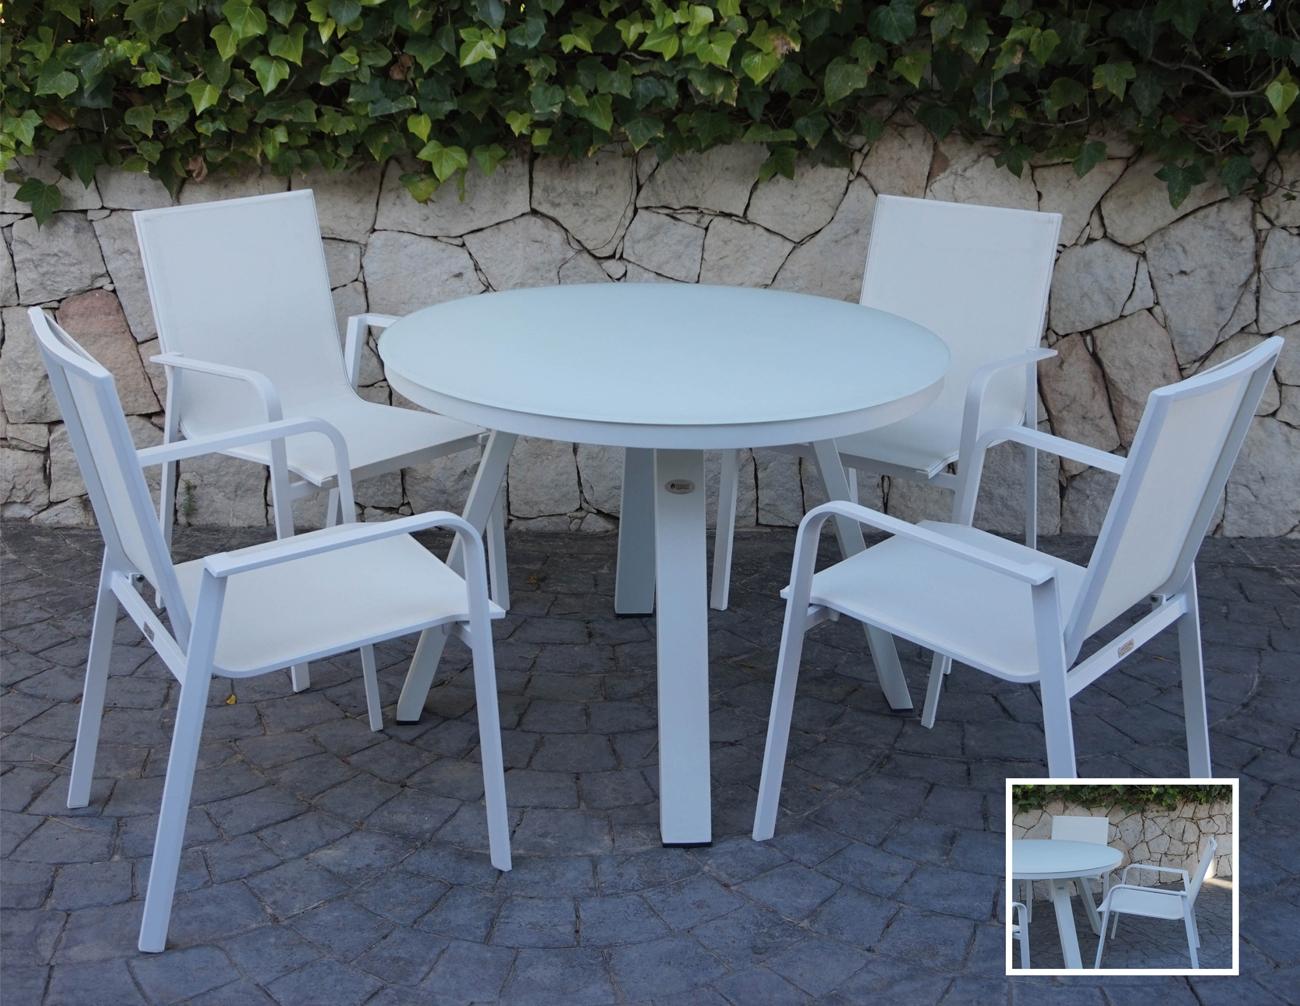 Mesa para exterior Sena - Comedor para terraza o jardín compuesto por mesa redonda con estructura de aluminio de color blanco y cristal templado del mismo color, Silla de aluminio con textilene de color gris.